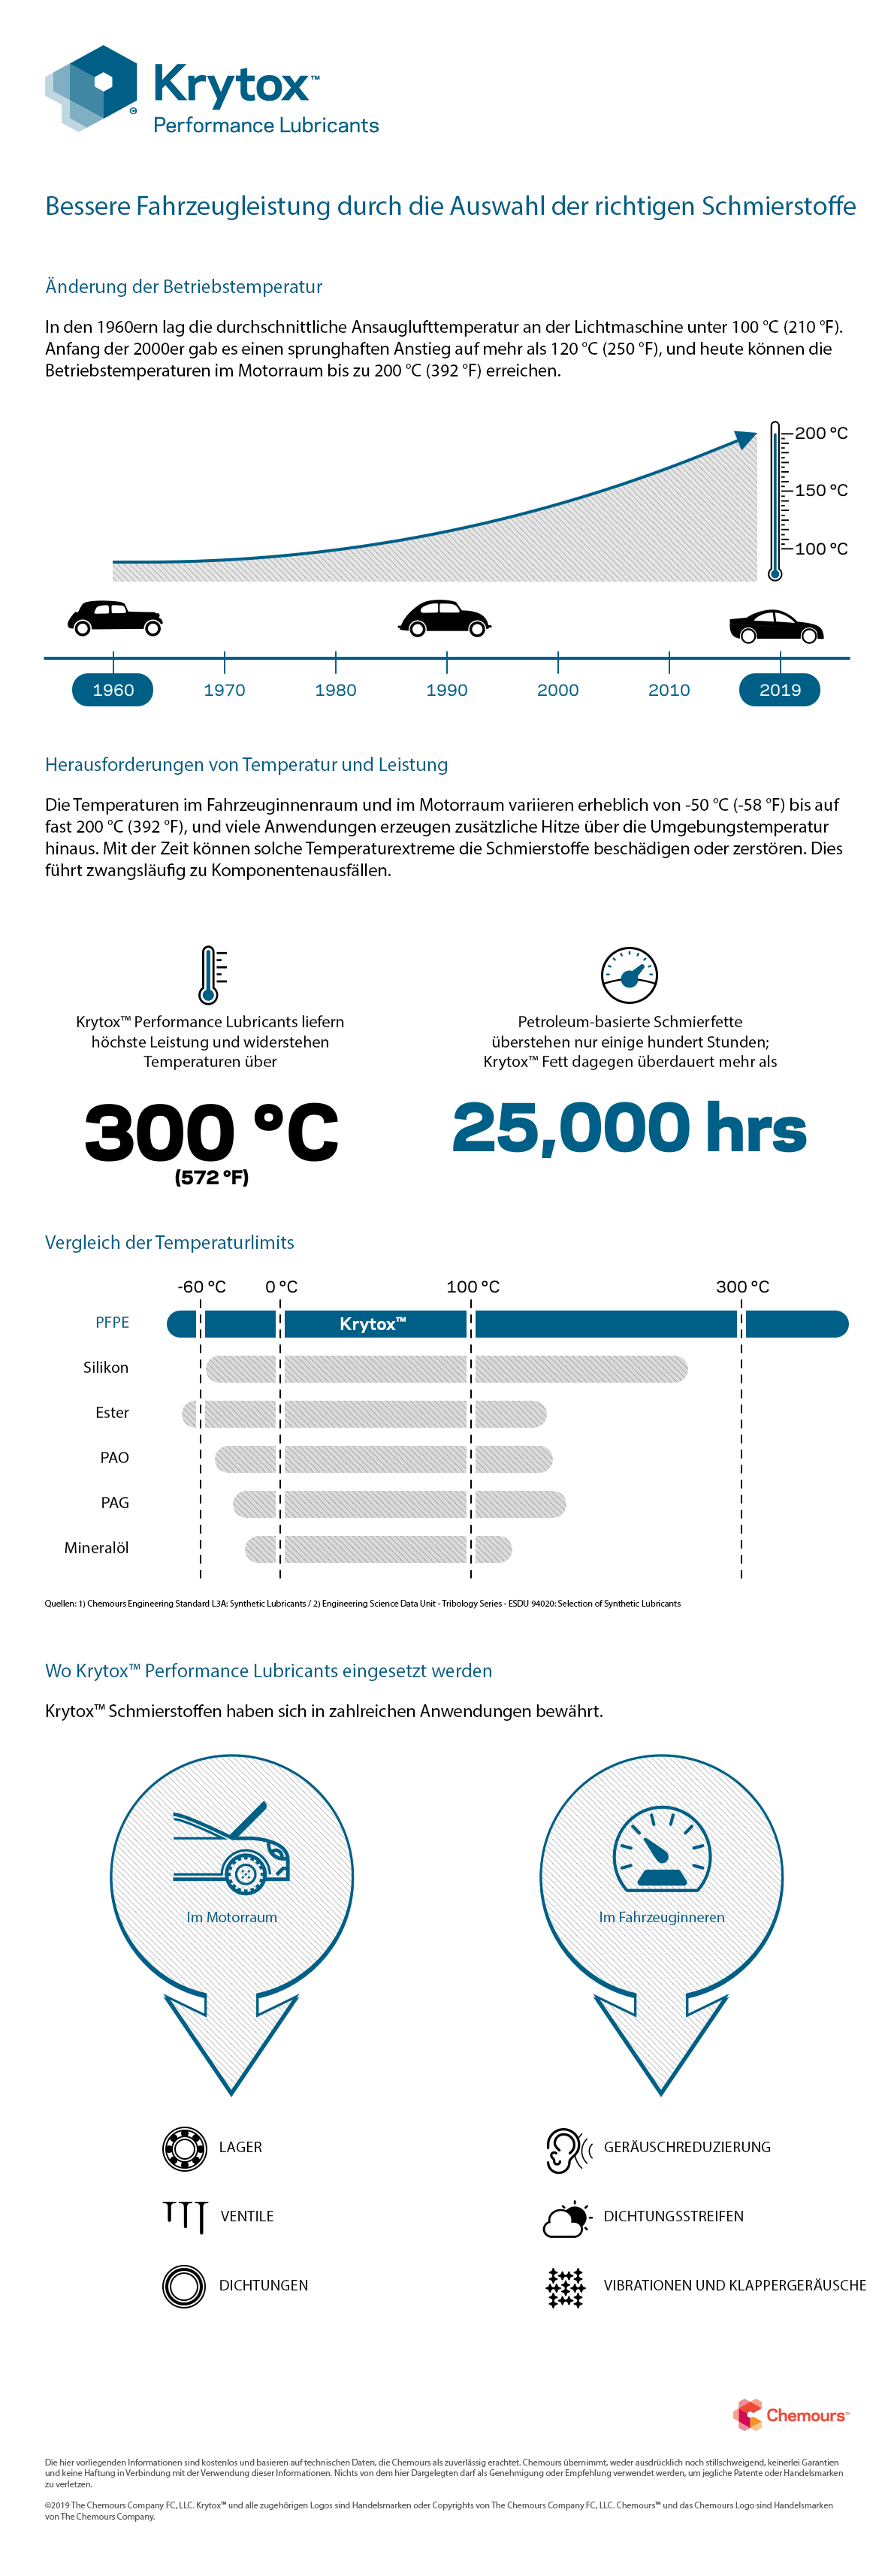 Krytox Infographic - Performance Lubricants – Bessere Fahrzeugleistung durch die Auswahl der richtigen Schmierstoffe